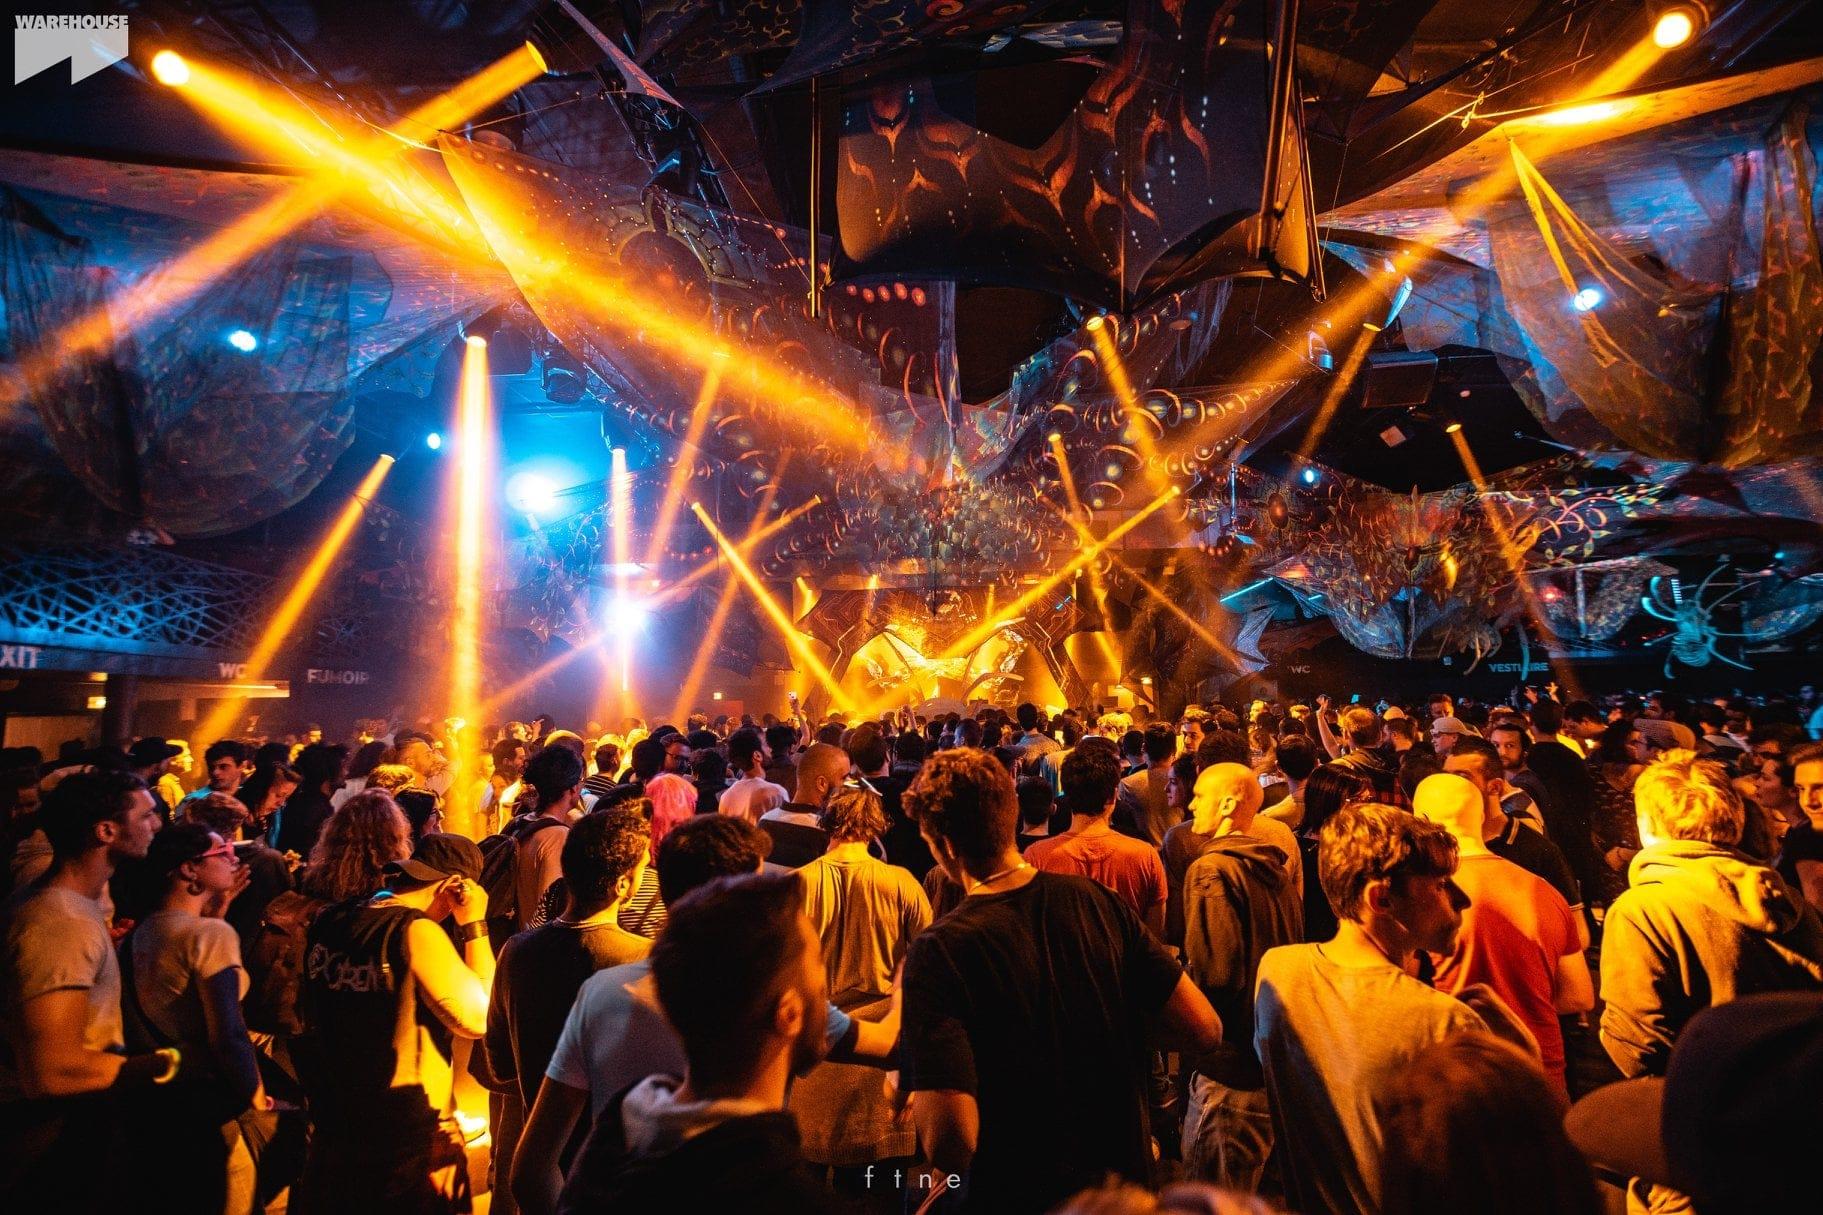 Le Warehouse de Nantes se transforme en repère psyché pour l'Ethereal Decibel Winter festival